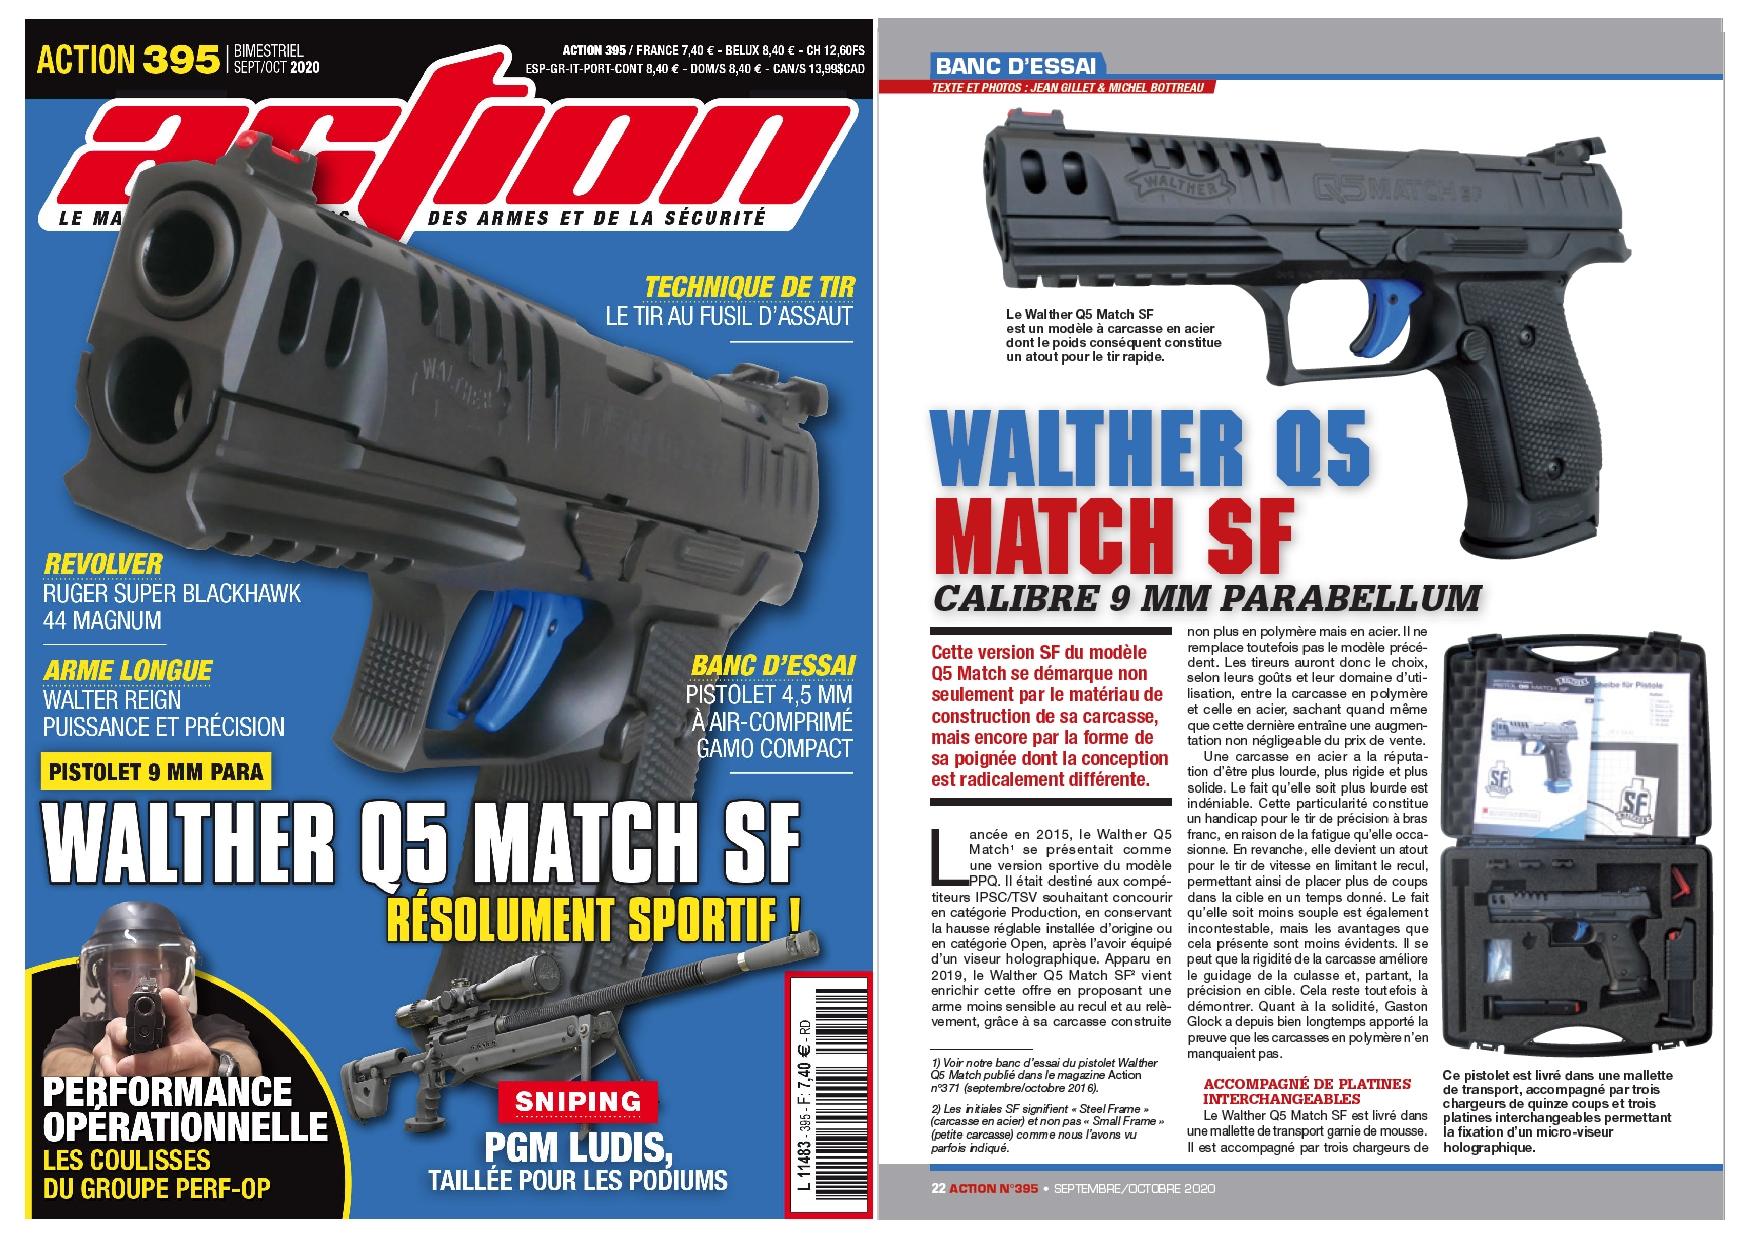 Le banc d'essai du pistolet Walther Q5 Match SF a été publié sur 6 pages dans le magazine Action n°395 (septembre/octobre 2020).